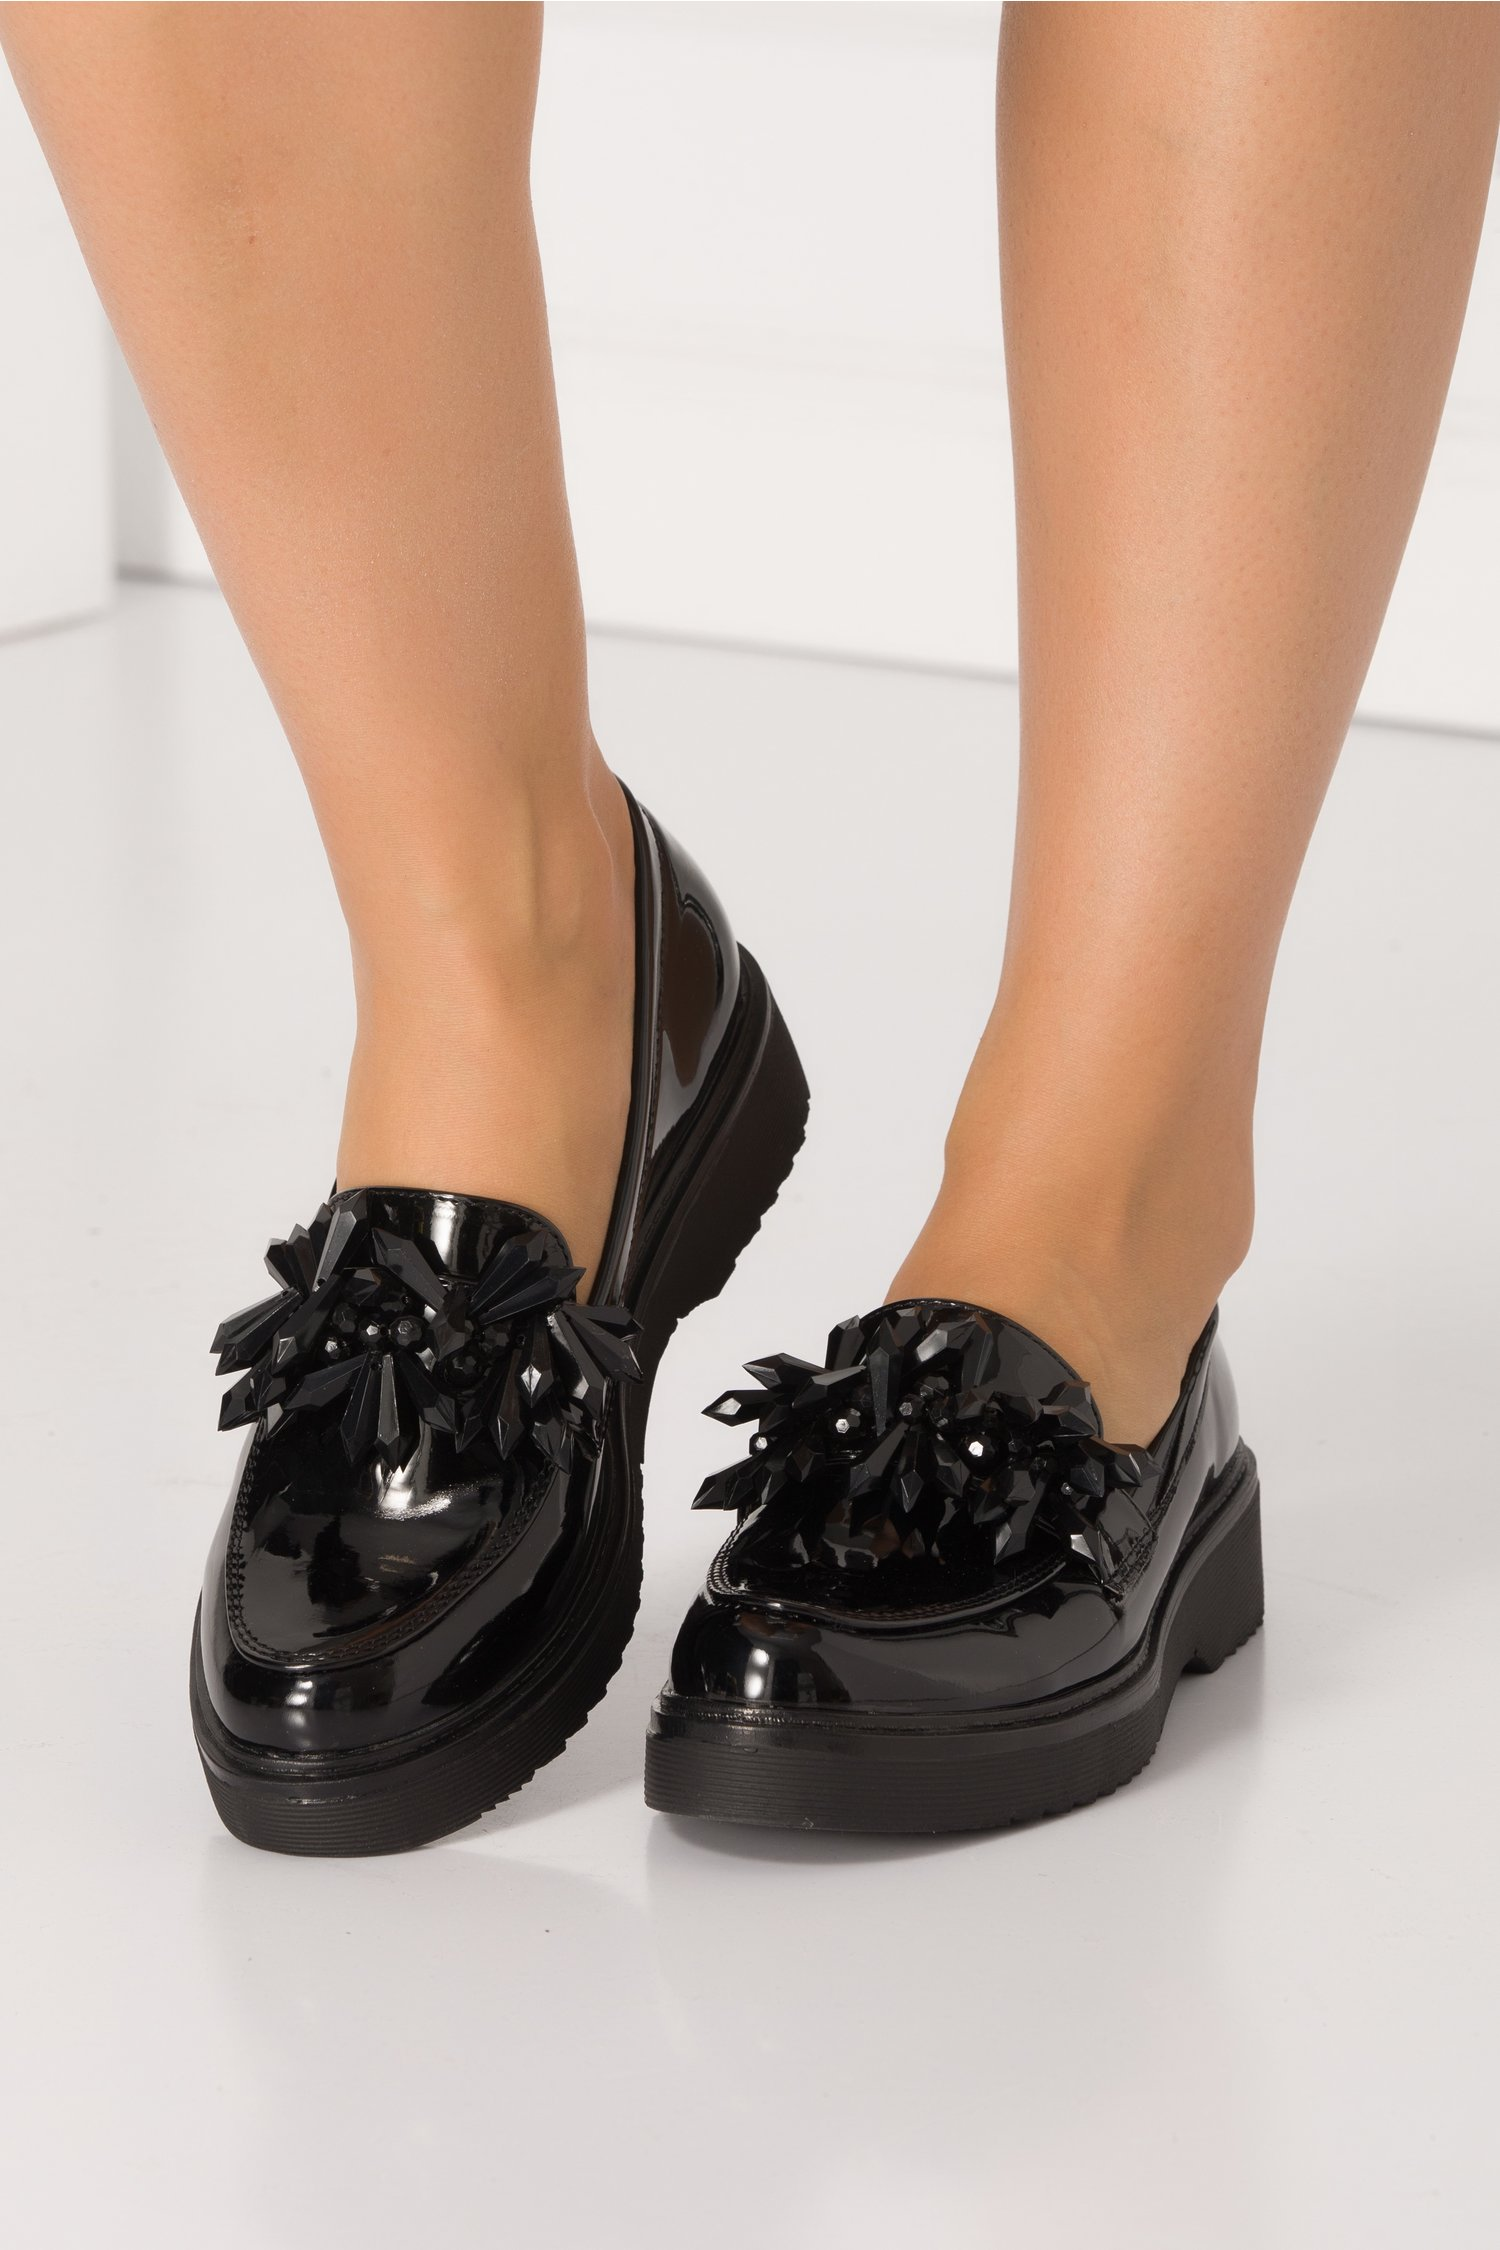 Pantofi negri cu aplicatii stil margele maxi